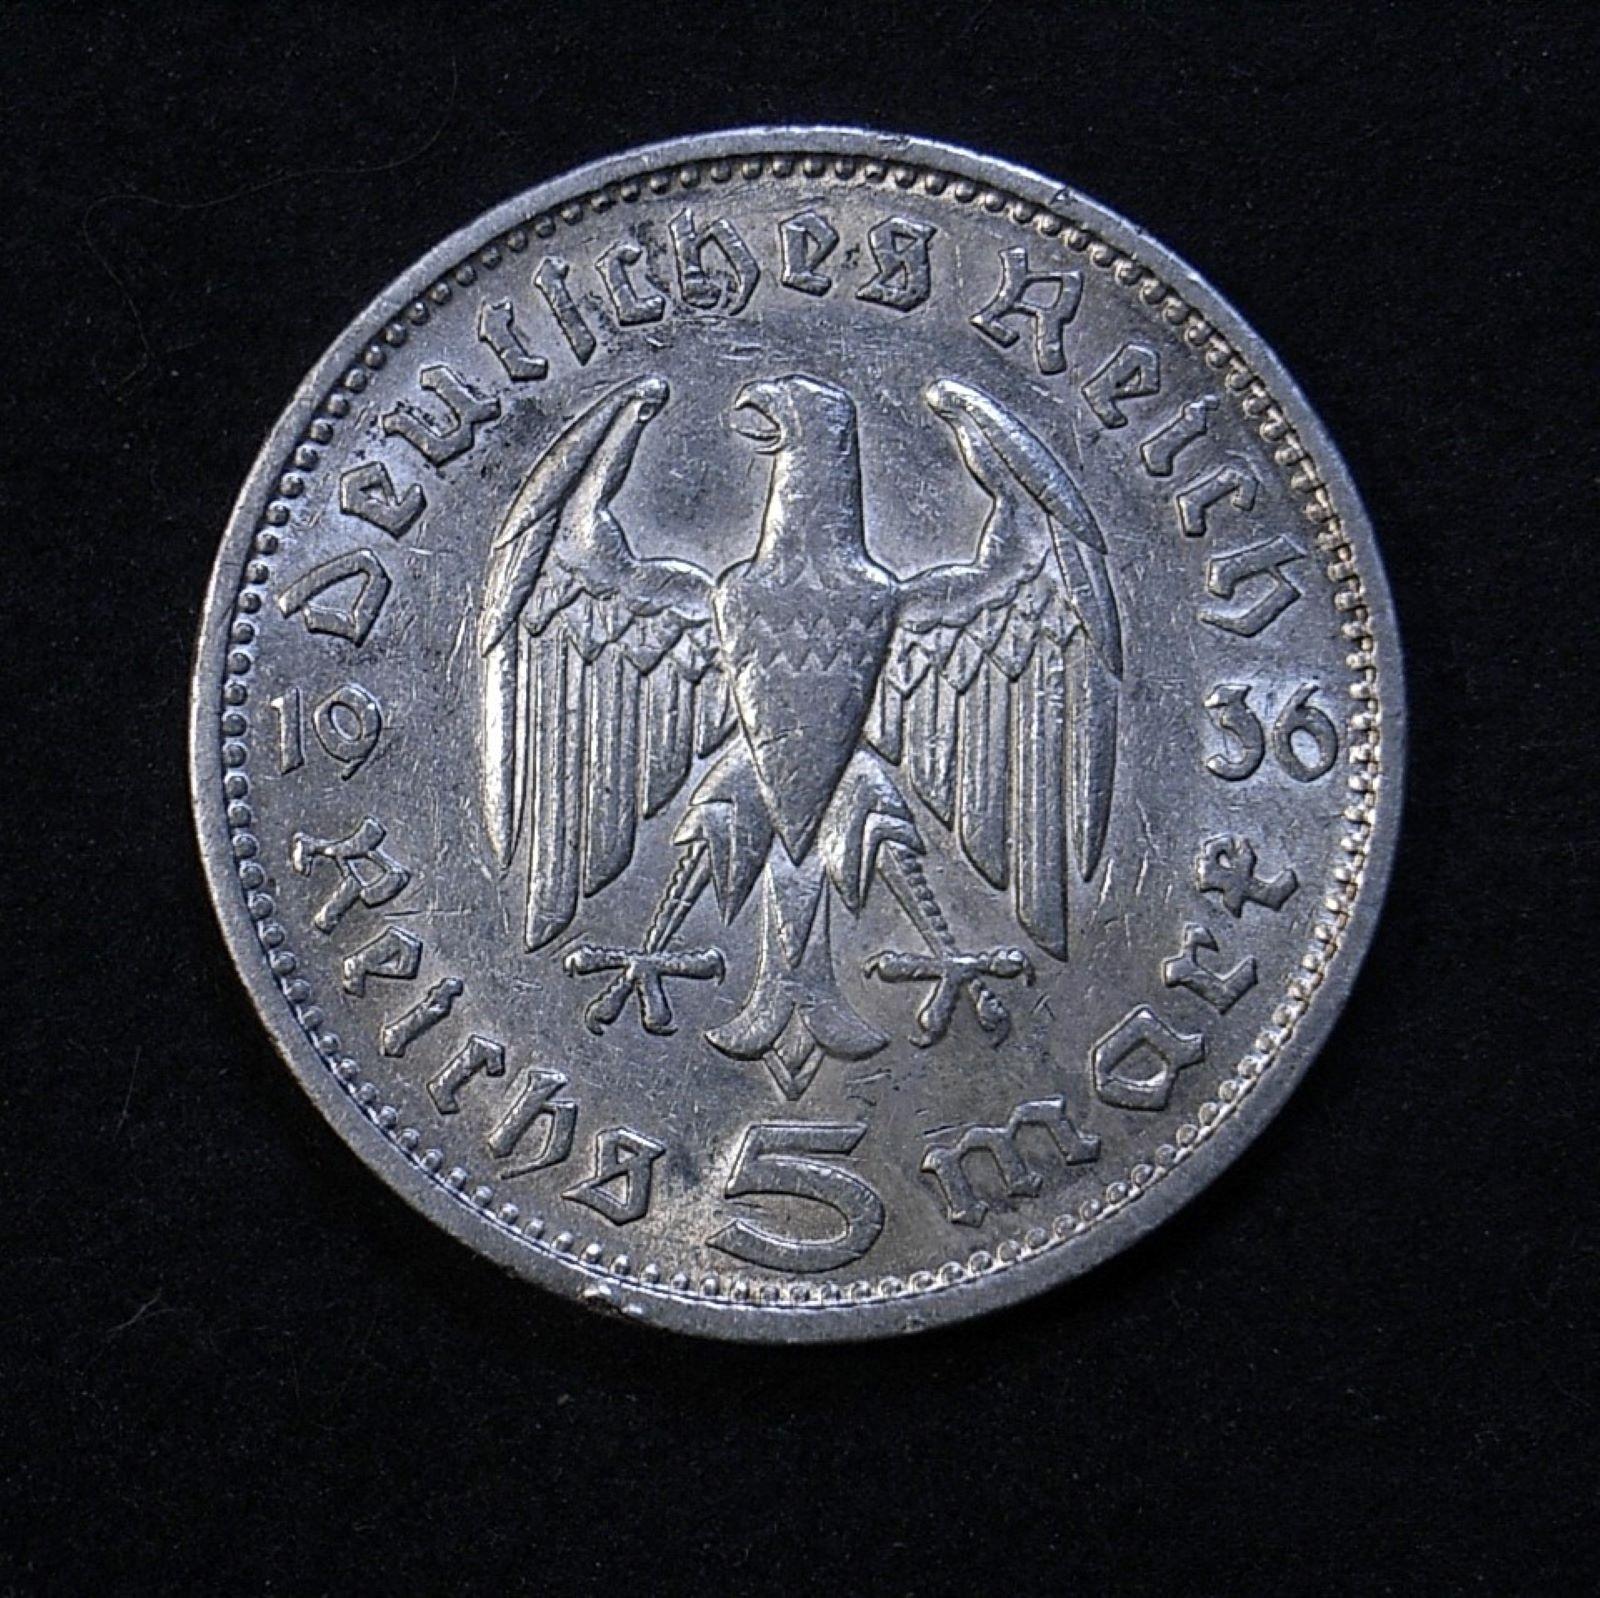 Germany 5 marks 1936G rev 1